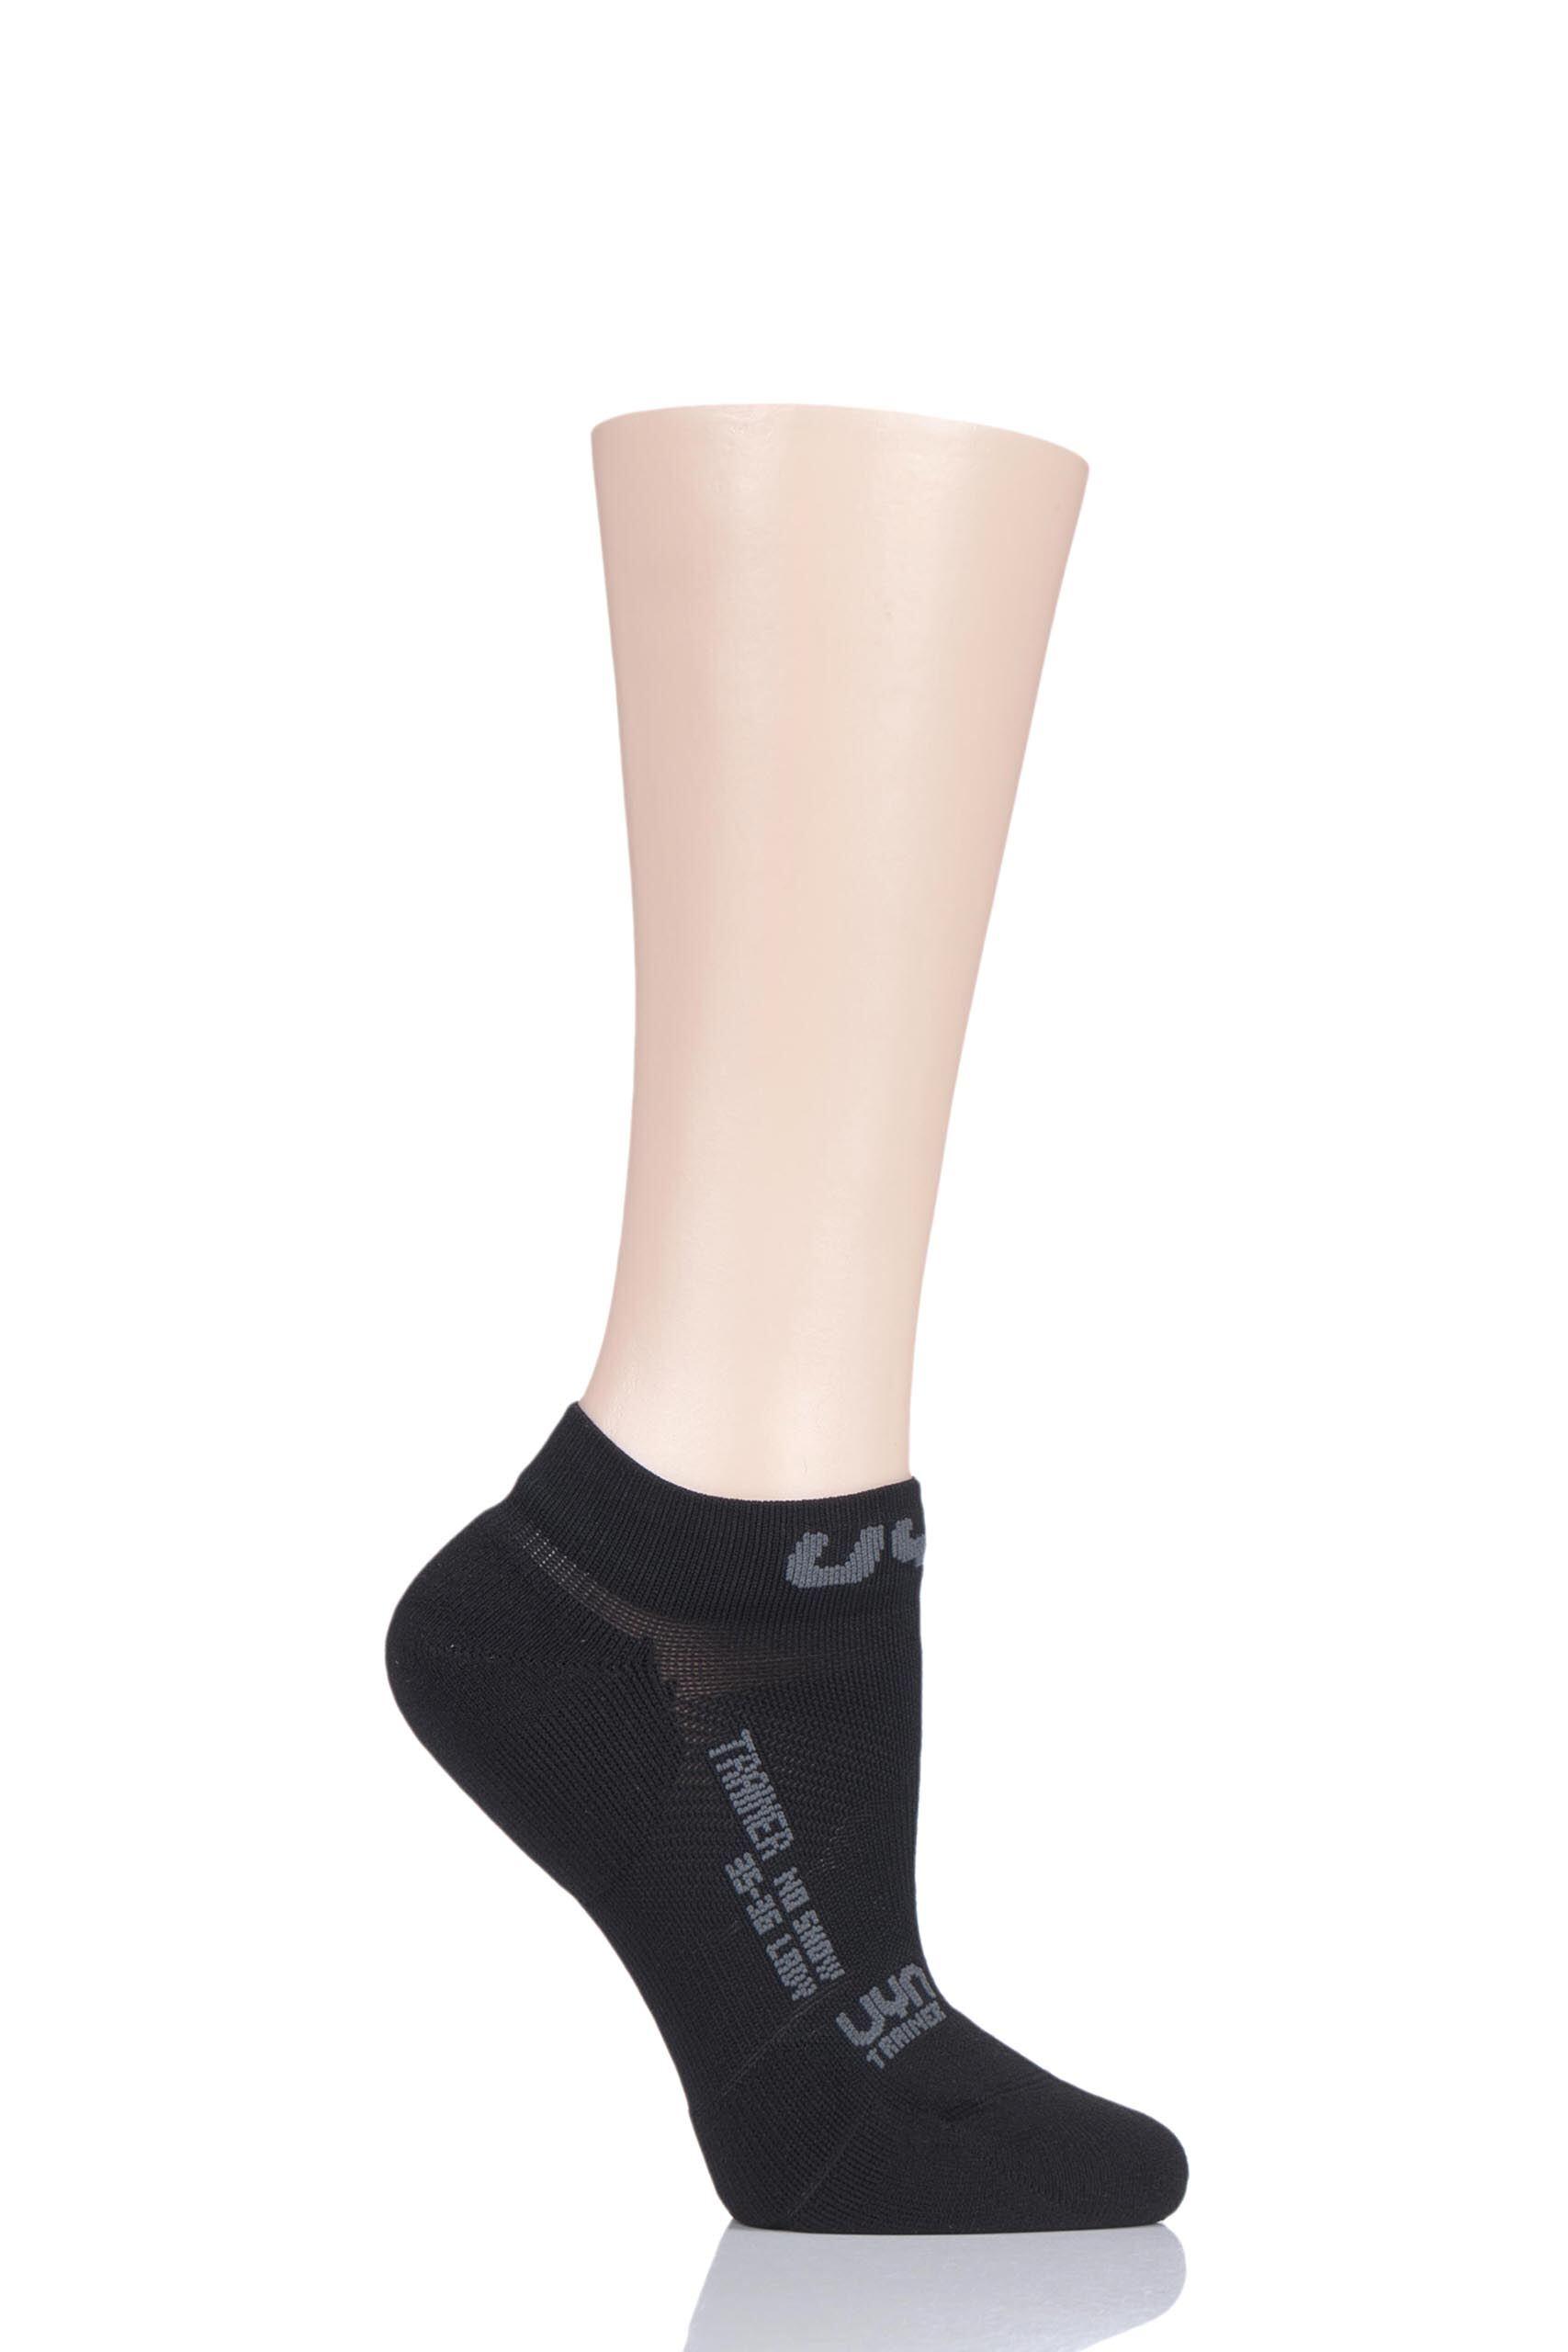 Image of 1 Pair Black No Show Trainer Socks Ladies 7-8 Ladies - UYN